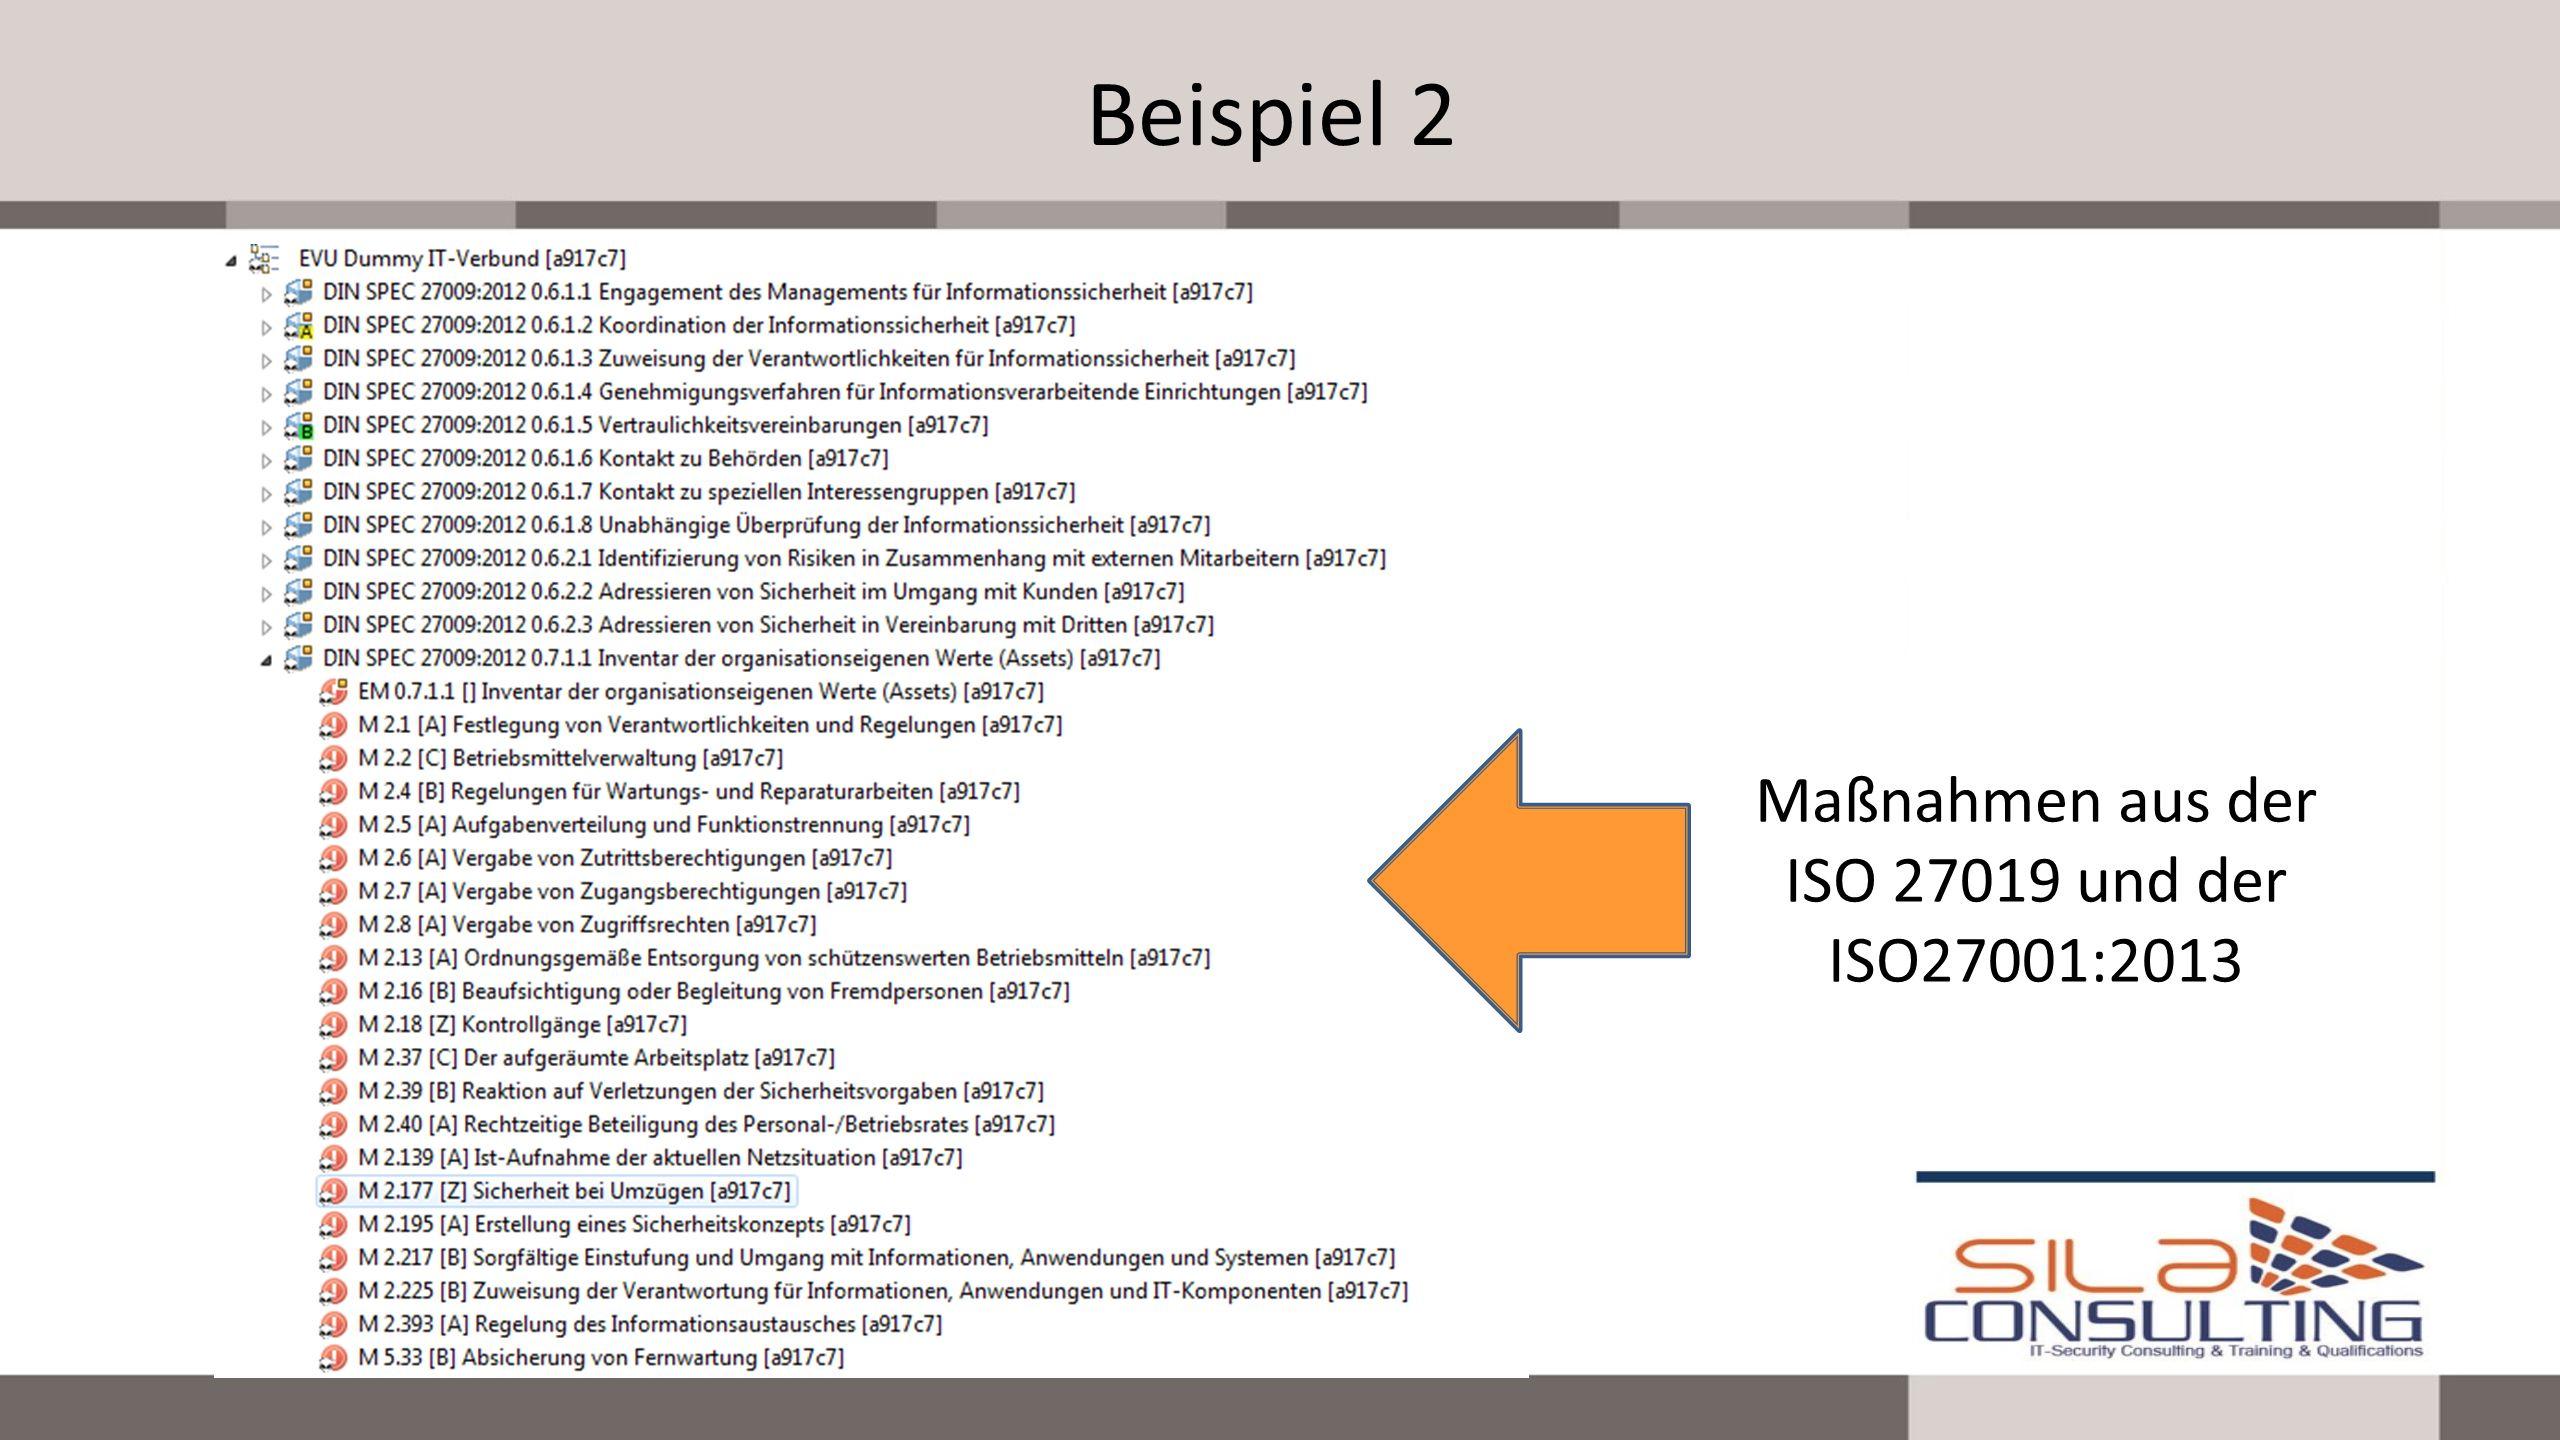 Maßnahmen aus der ISO 27019 und der ISO27001:2013